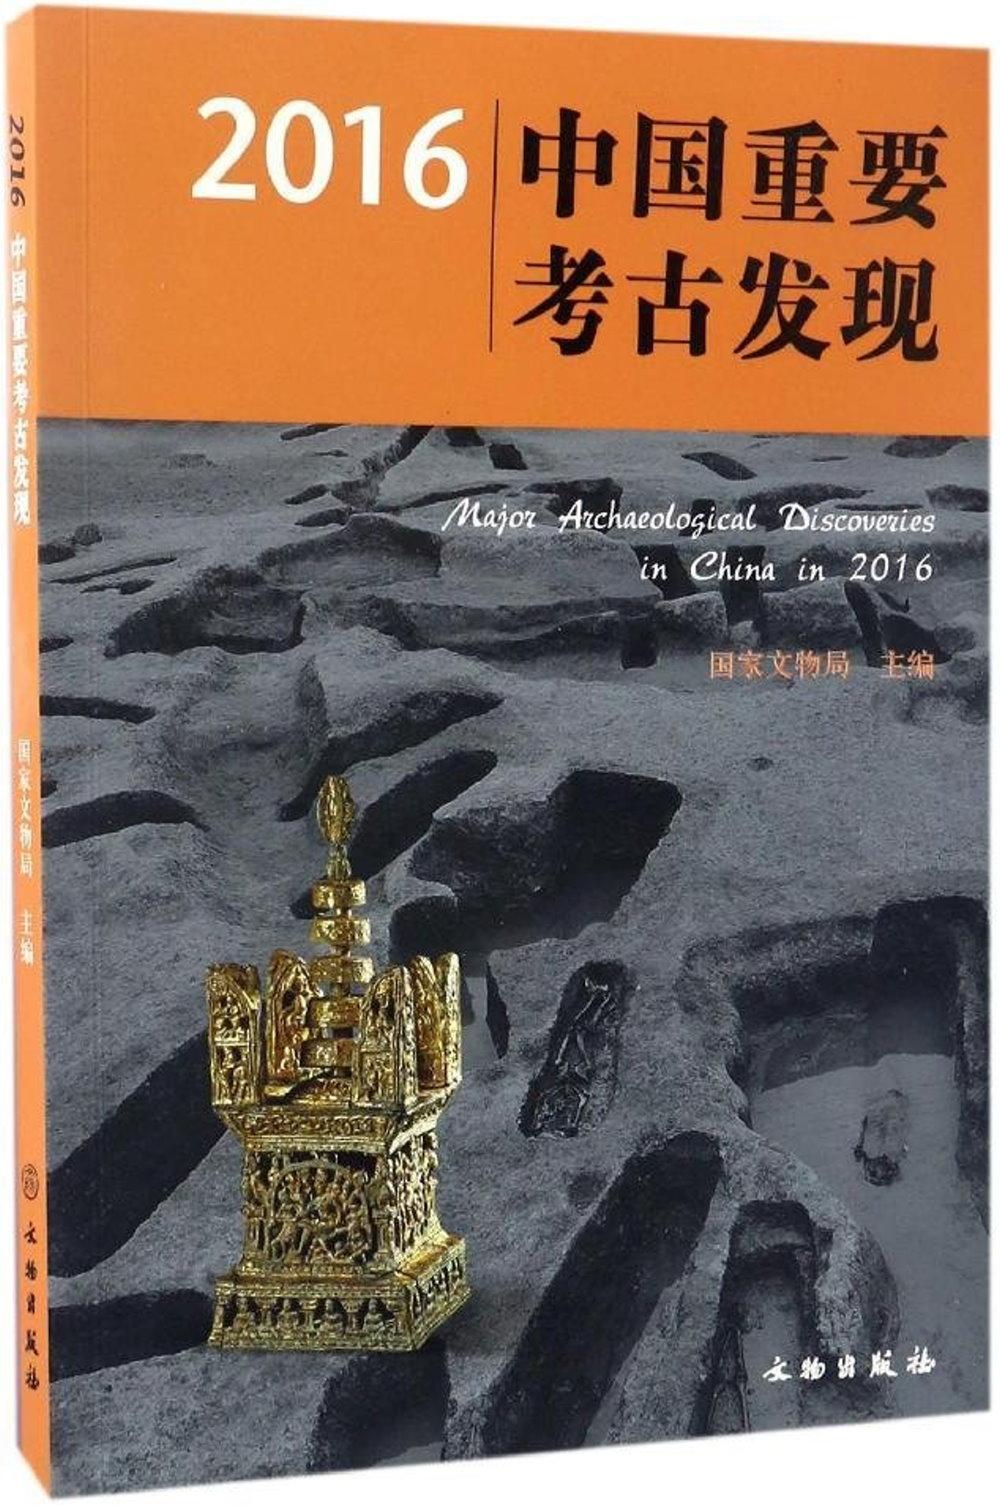 2016中國重要考古發現